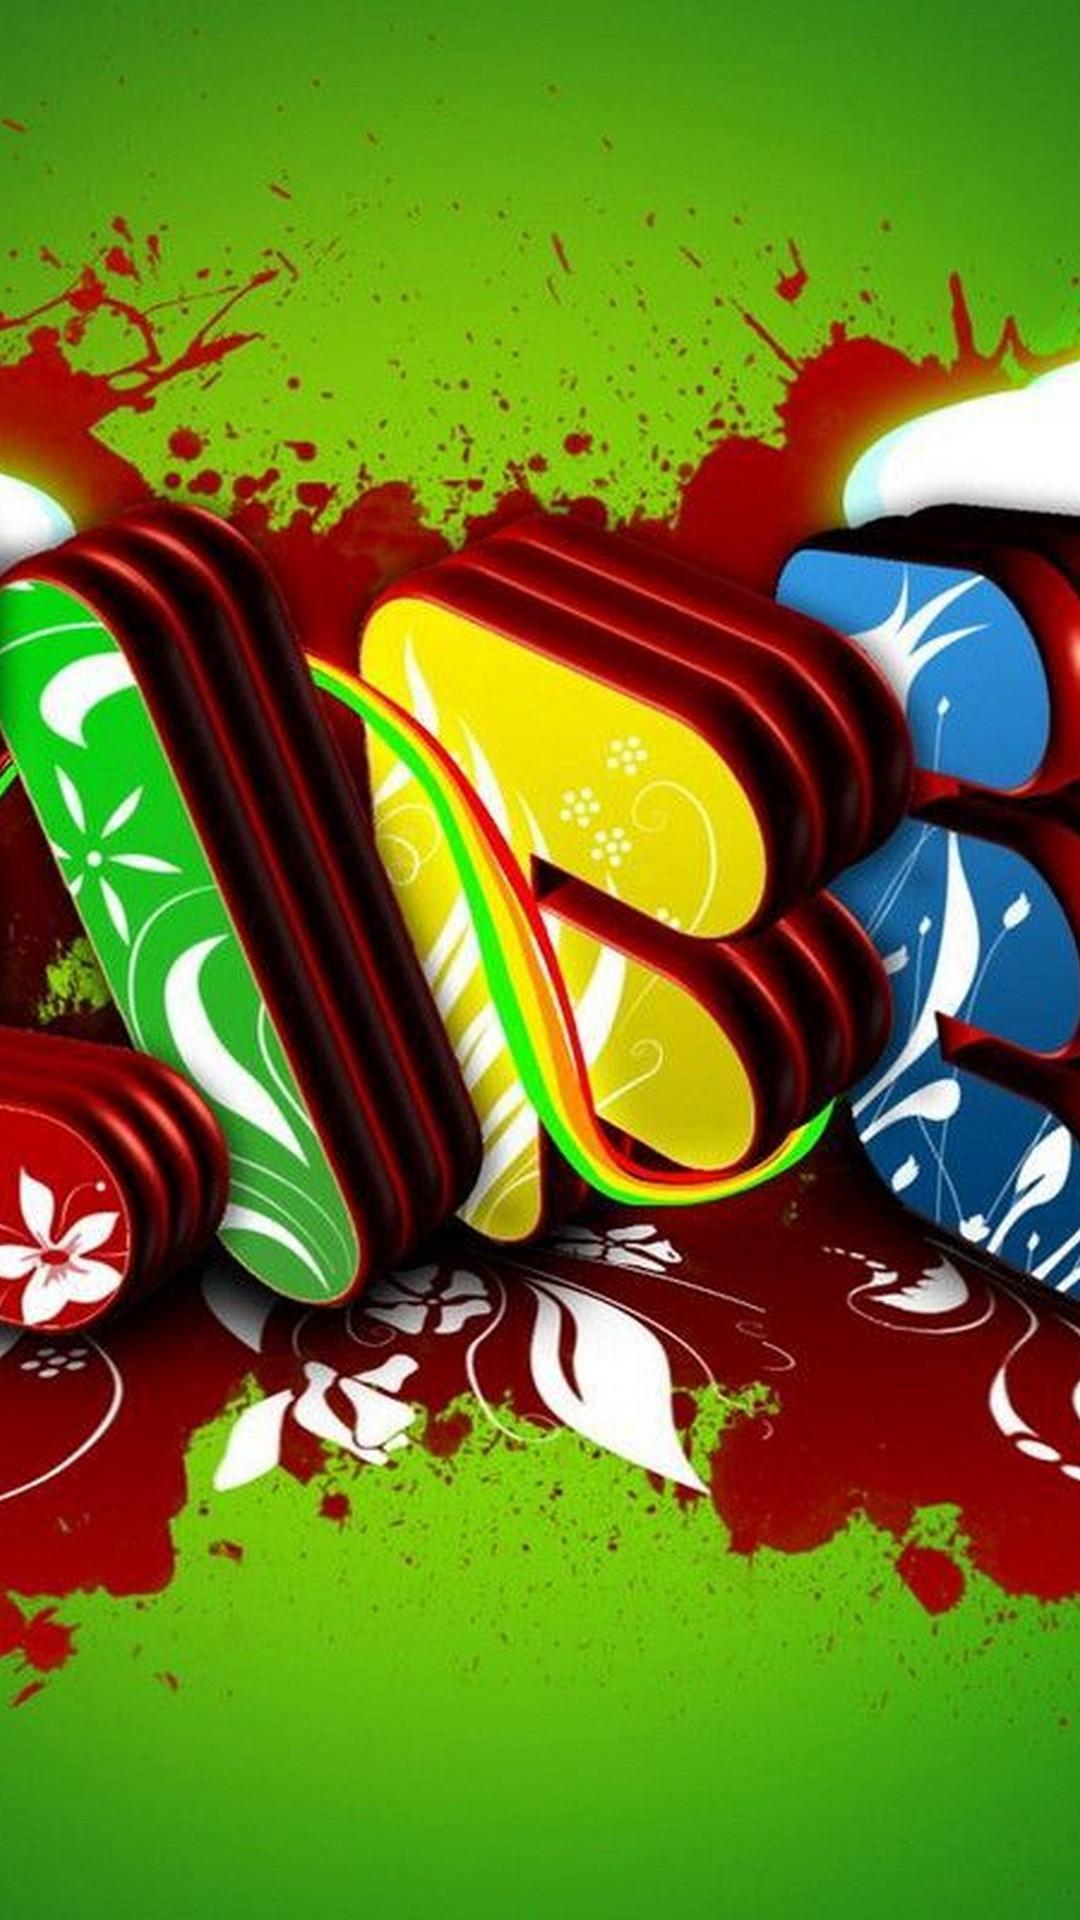 Graffiti Green Letters